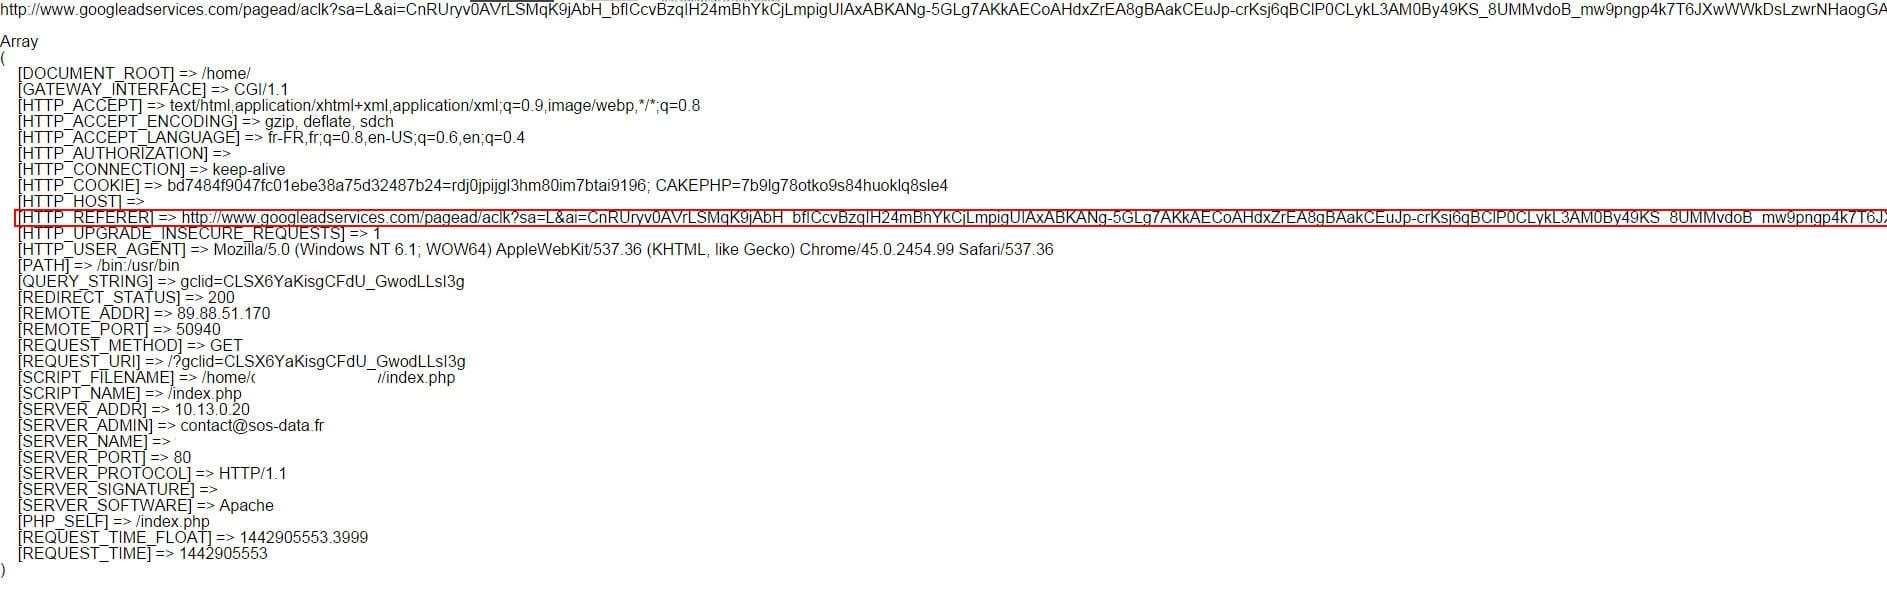 Google Adwords supprimer les URL referers dans les SERP du moteur de recherche